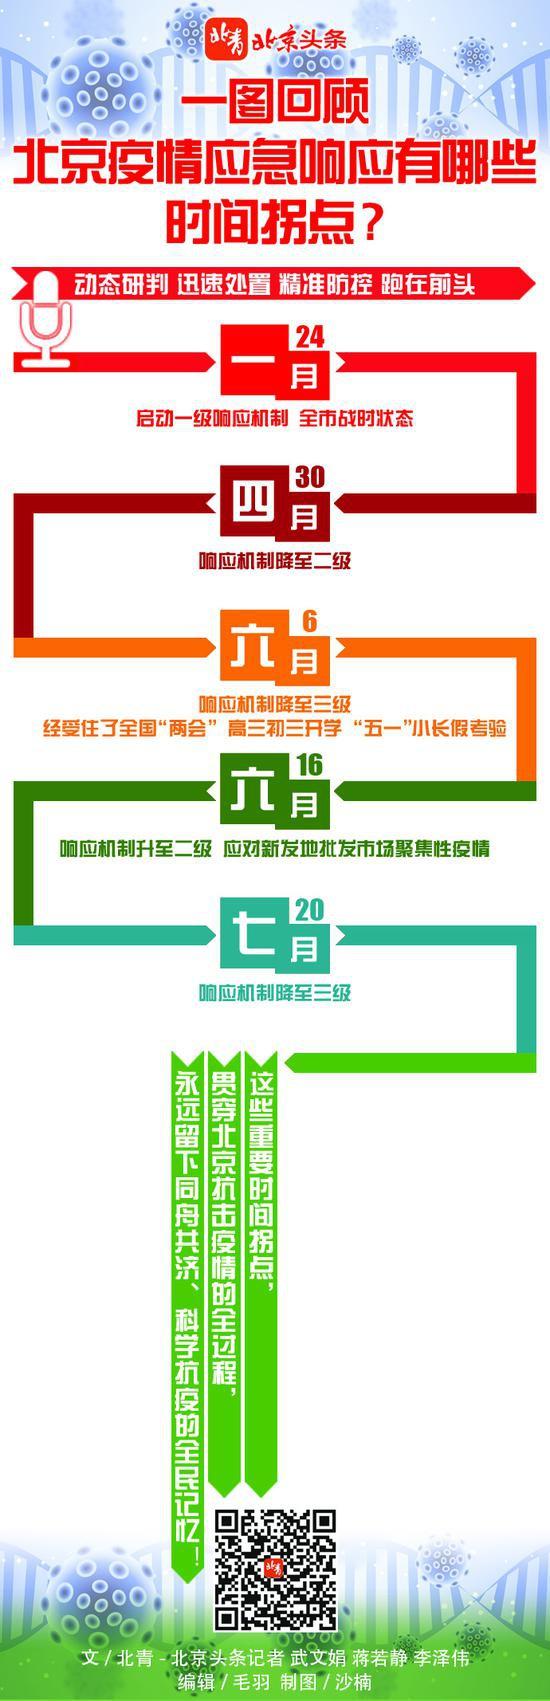 华美招商北京疫情应急华美招商响应有哪些时间拐点图片